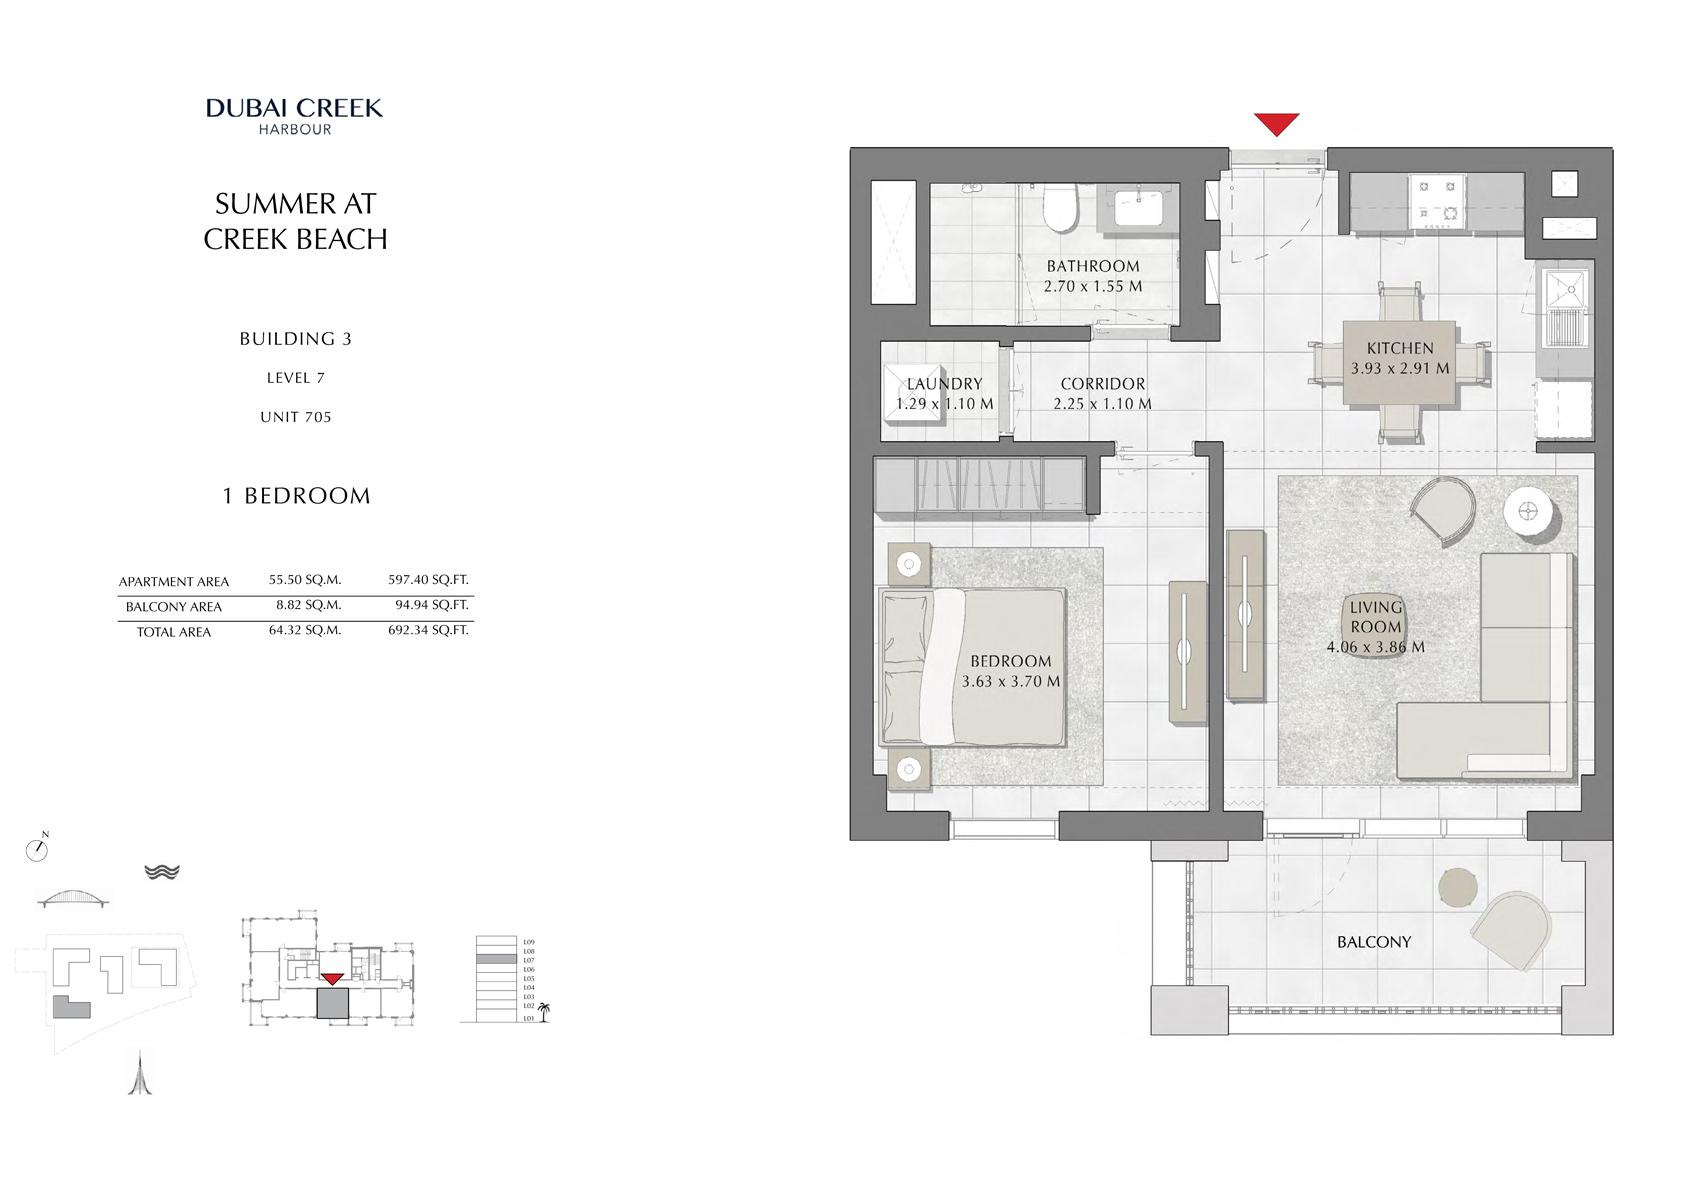 1 Br building 3 Level 7 Unit 705, Size 692 Sq Ft